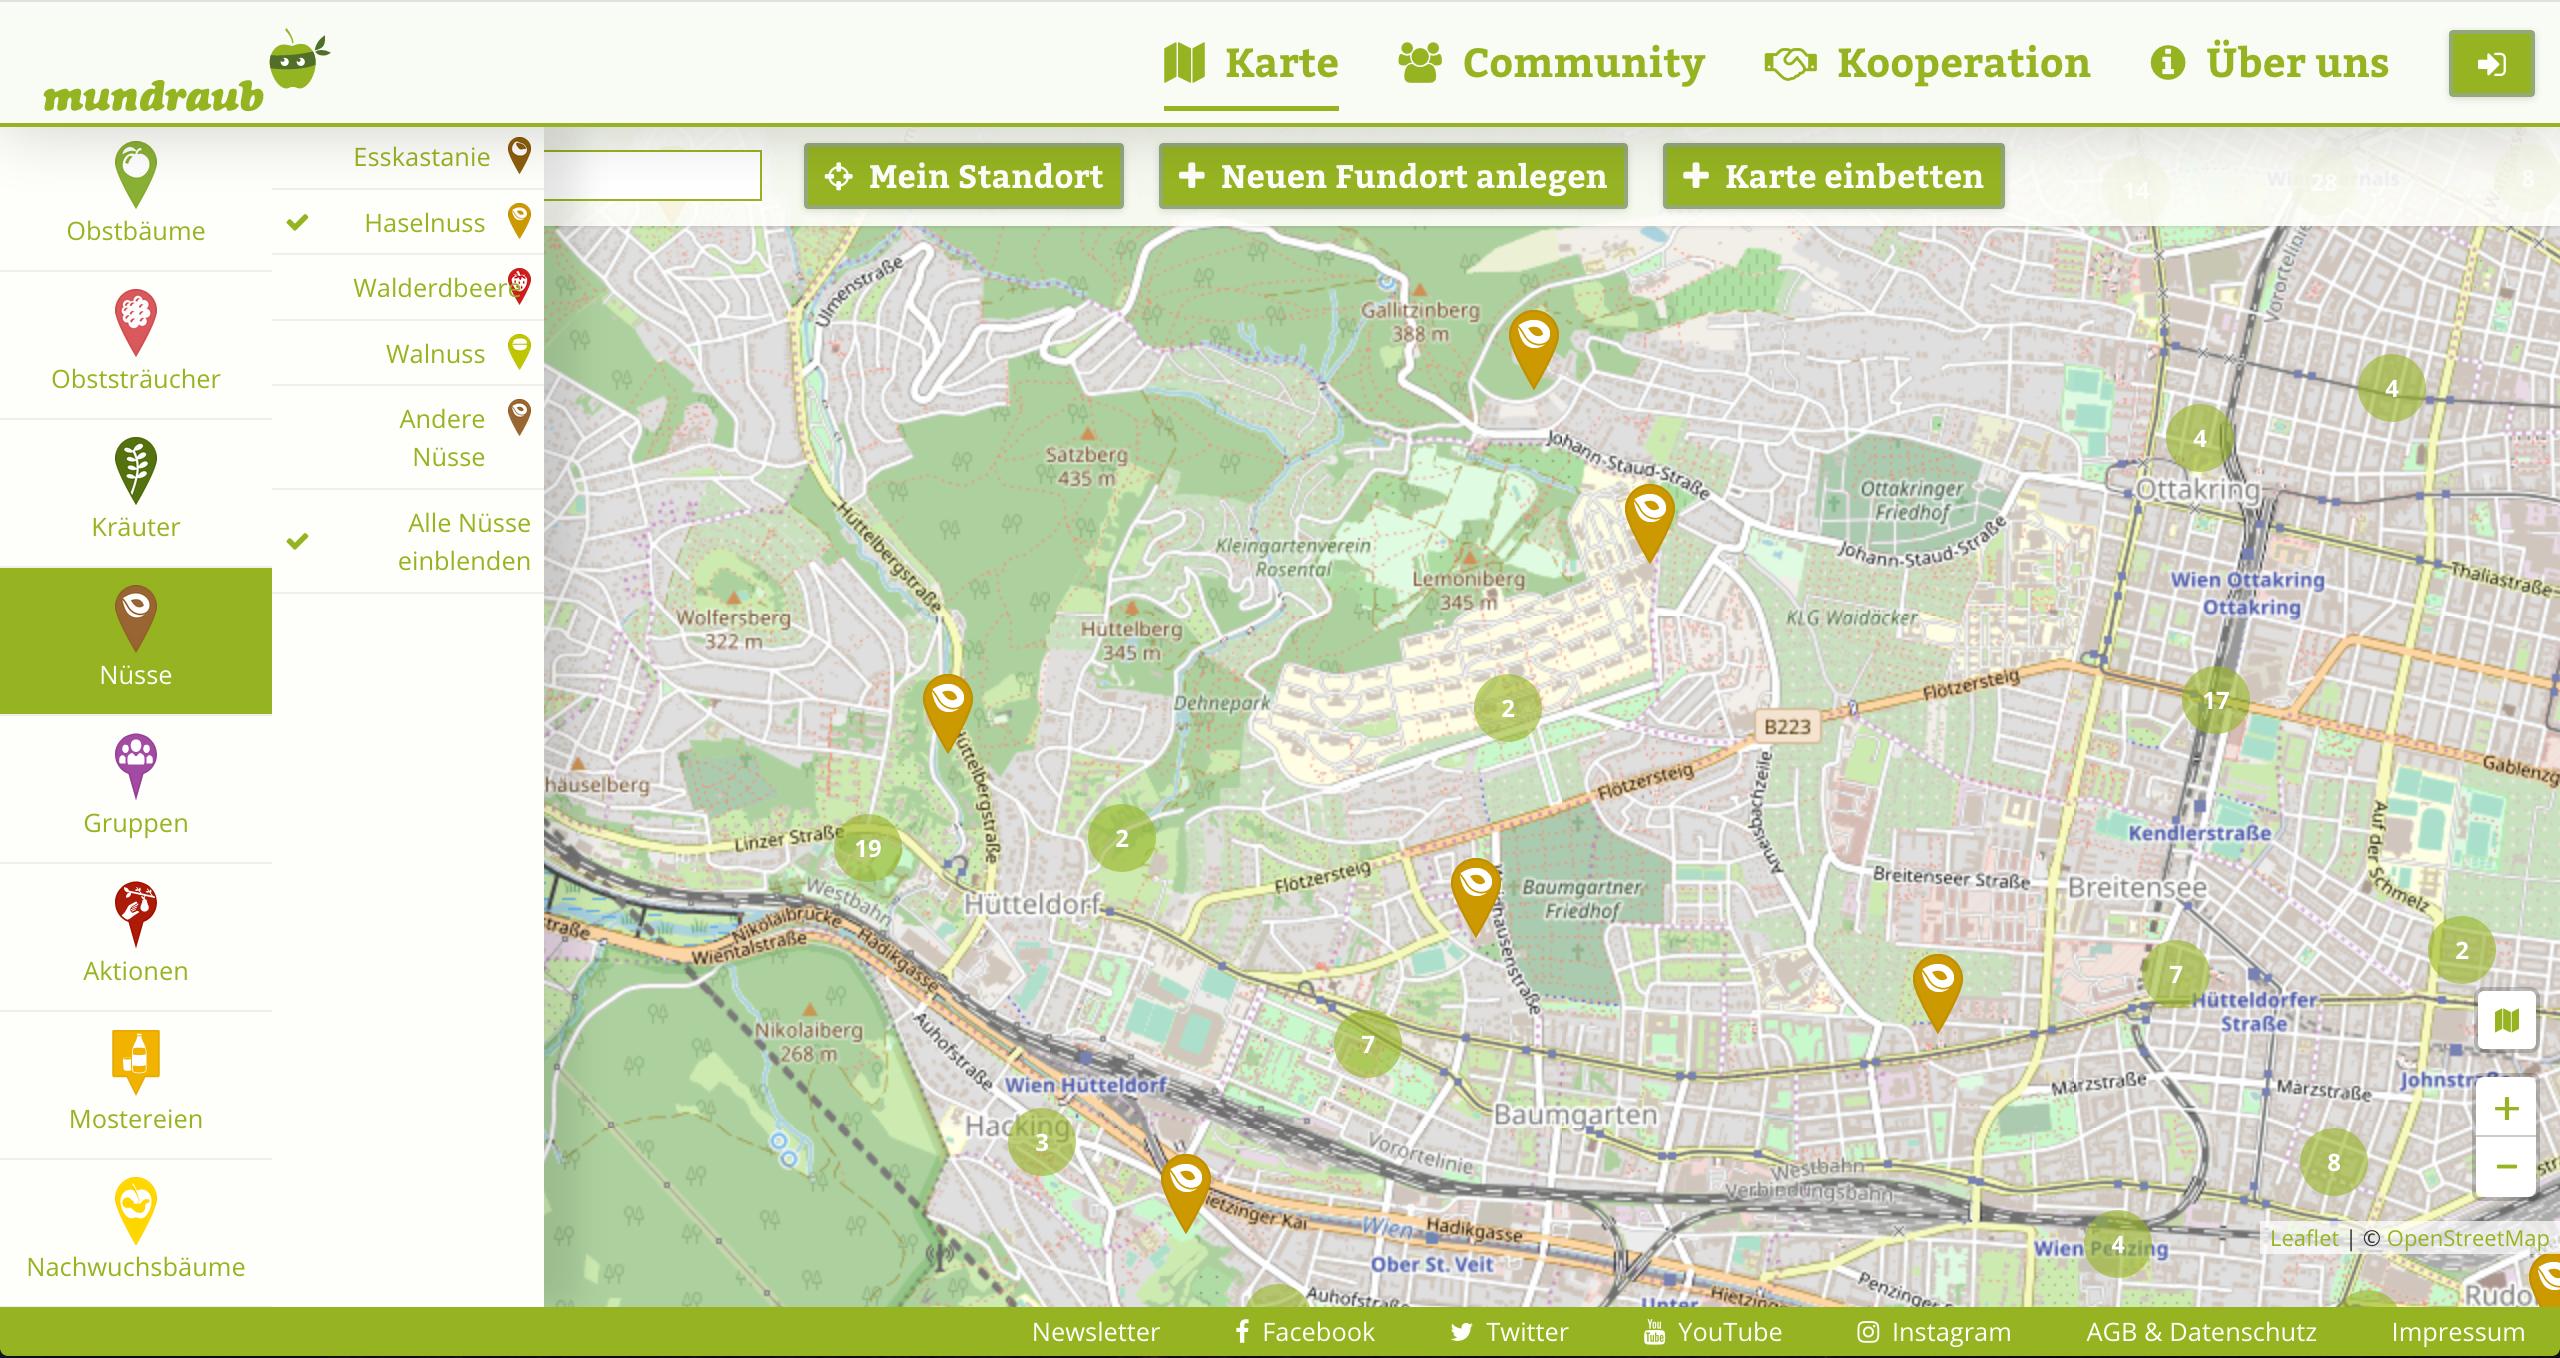 Ein Ausschnitt der Karte auf mundraub.org / Fotocredit: mundraub.org